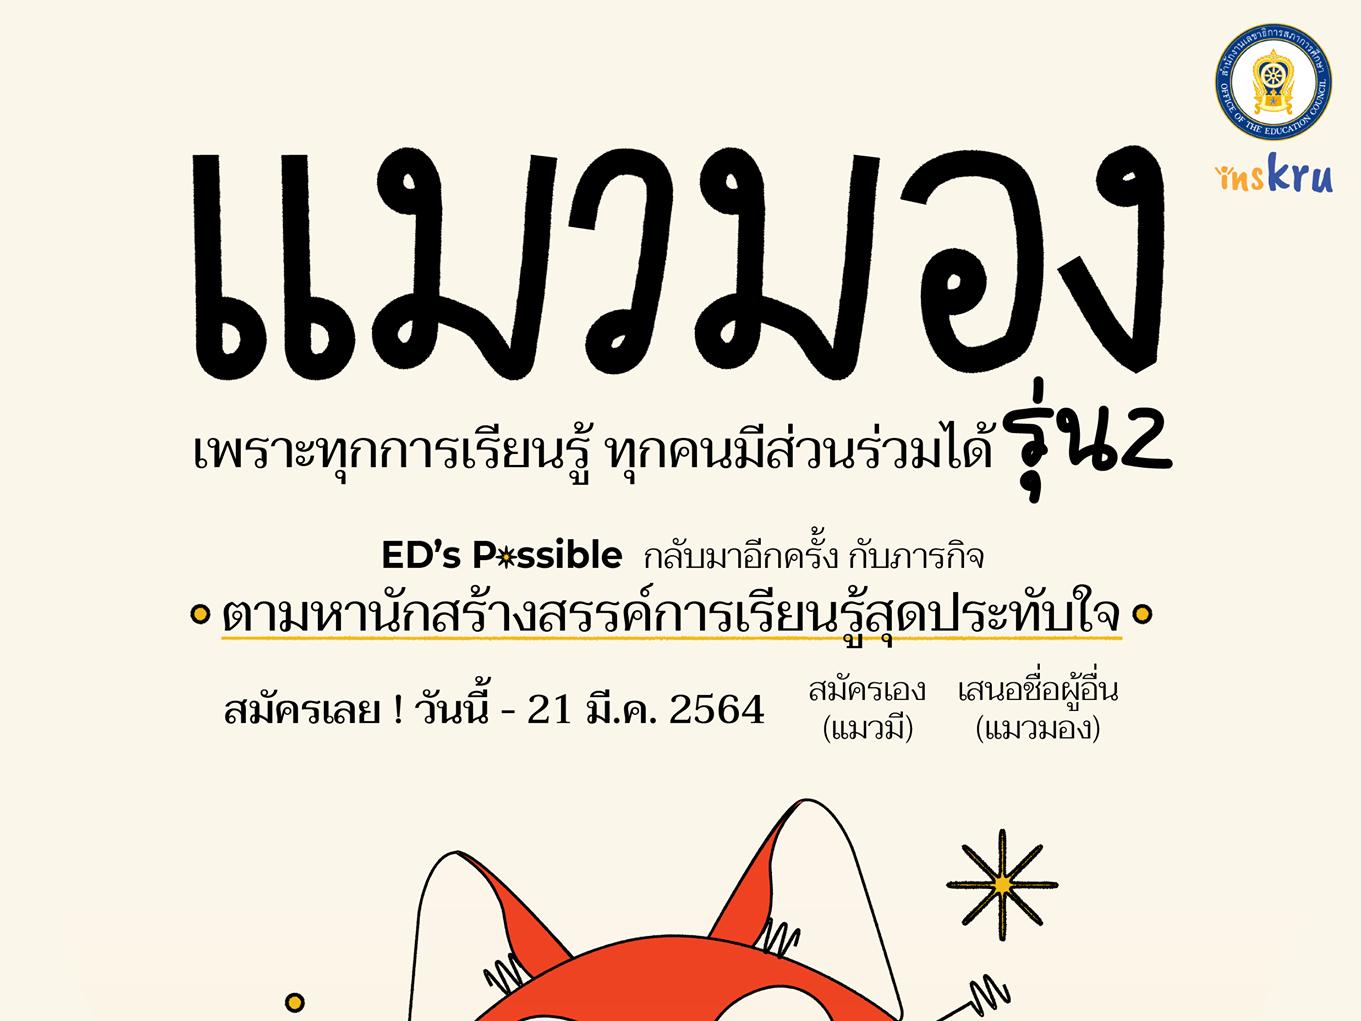 """ภาพประกอบไอเดีย รายละเอียดโครงการ """"แมวมอง รุ่นที่ 2"""" 😻✌️"""